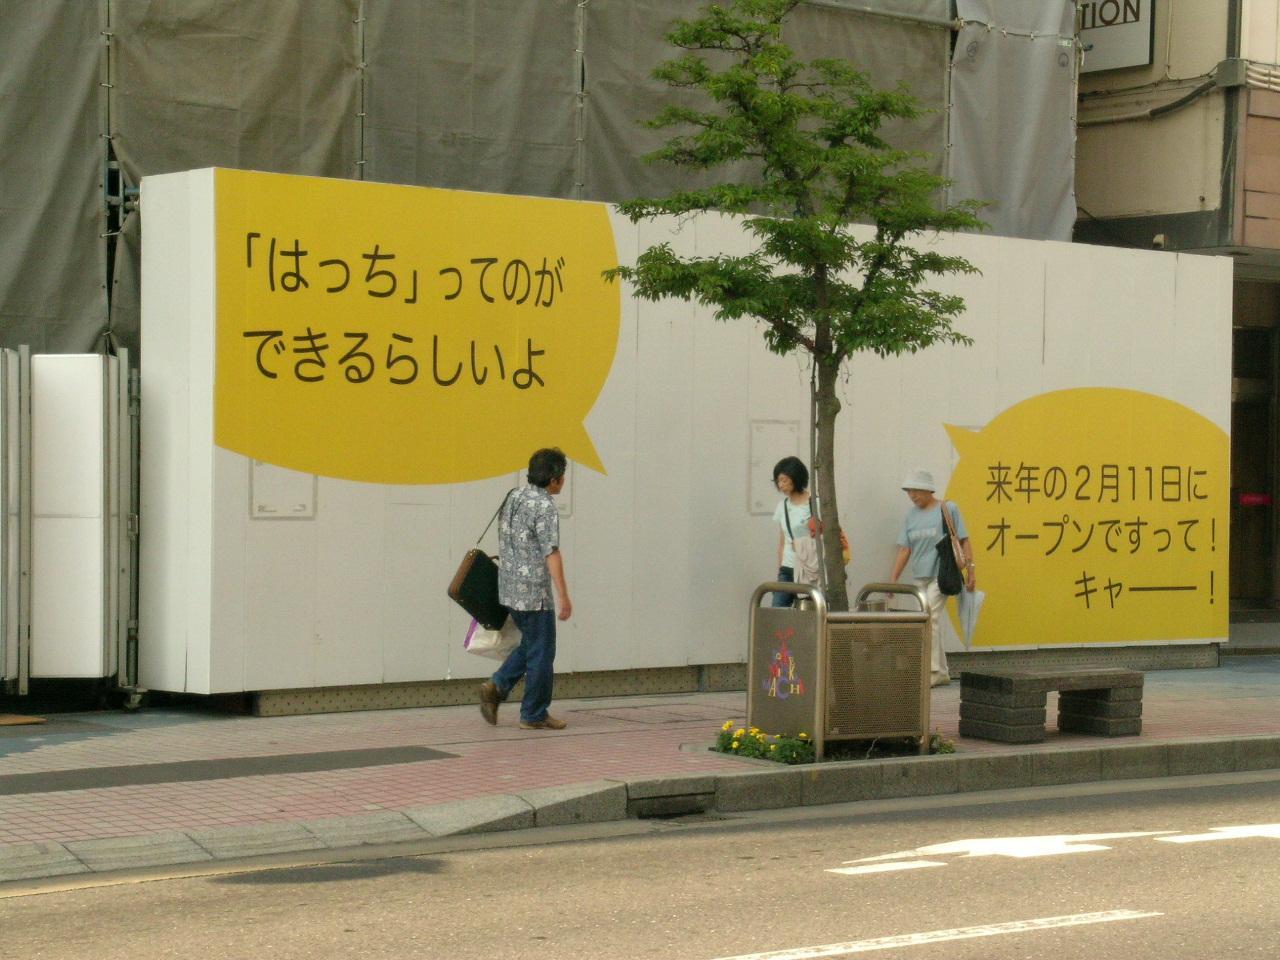 https://hacchi.jp/blog/DSCN7594.JPG